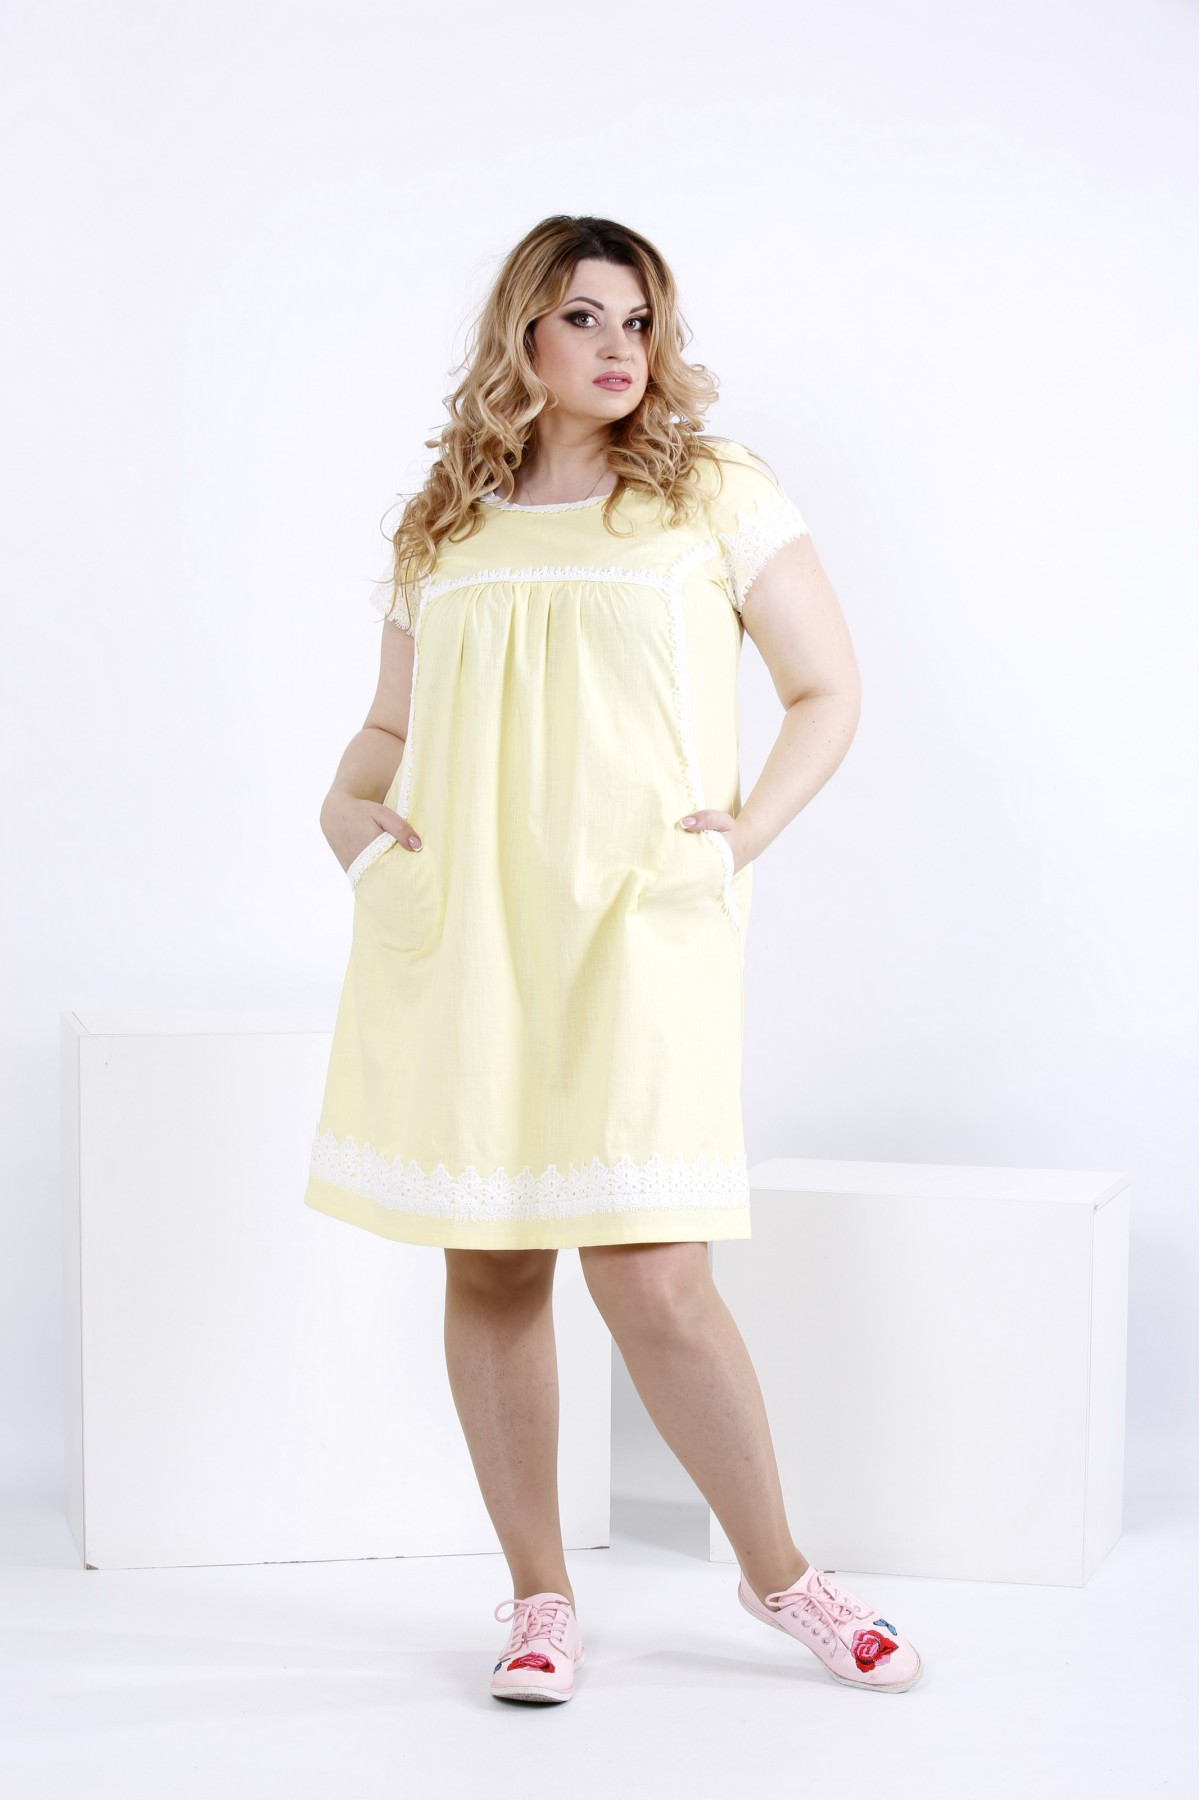 Светлое легкое платье выше колена | 0833-2